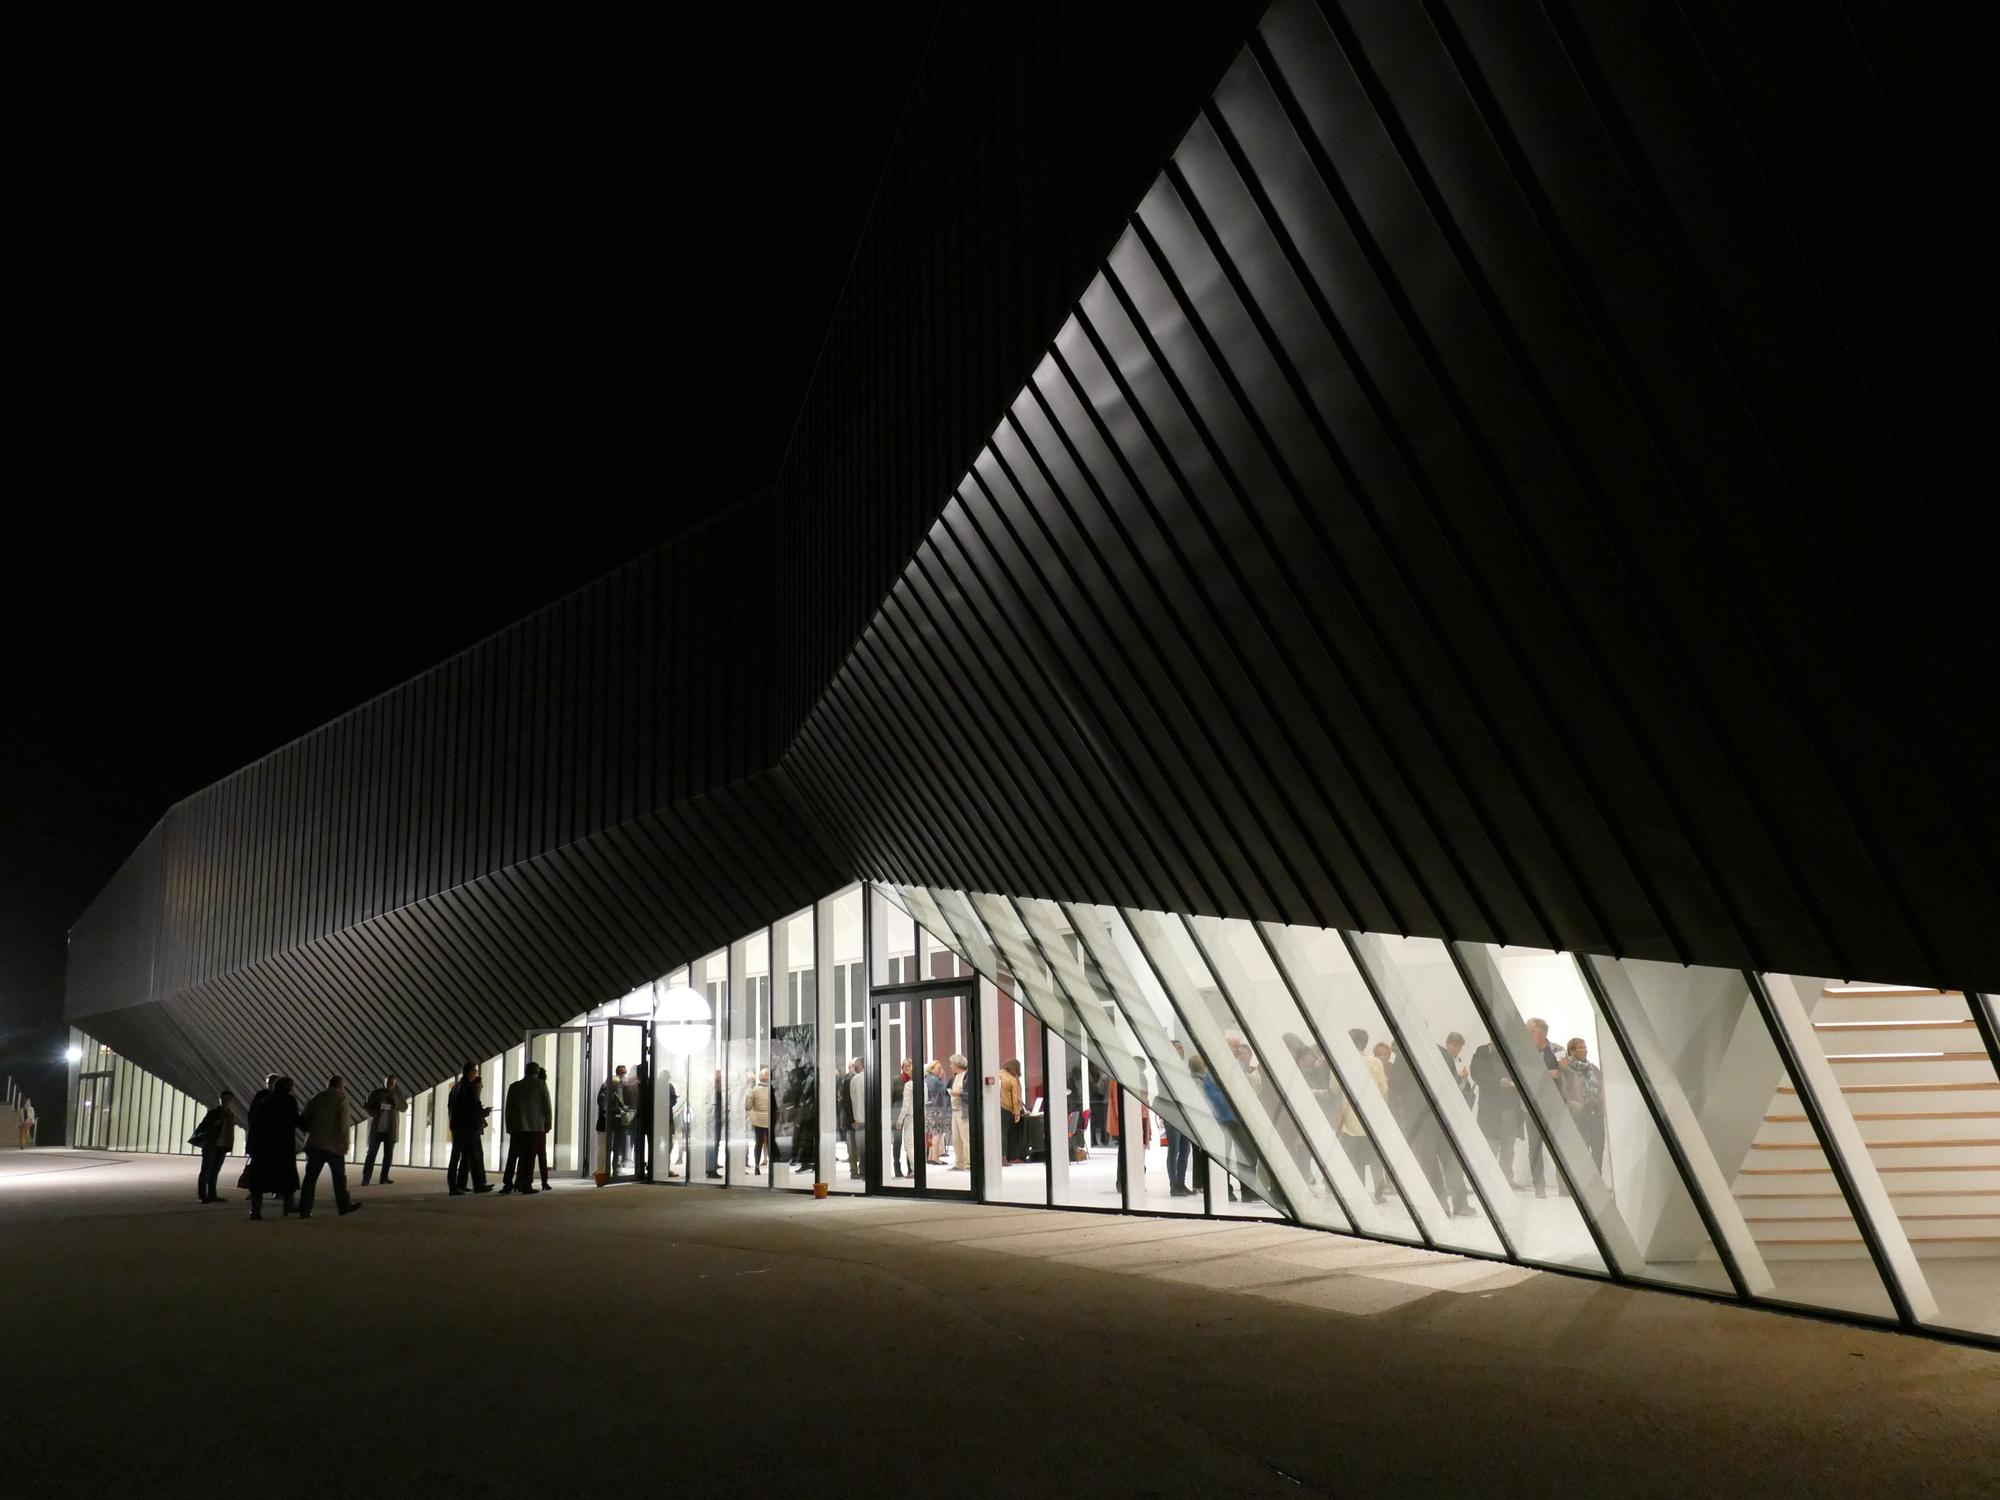 Galeria de centro de conven es haute saintonge tetrarc 21 for Haute saintonge